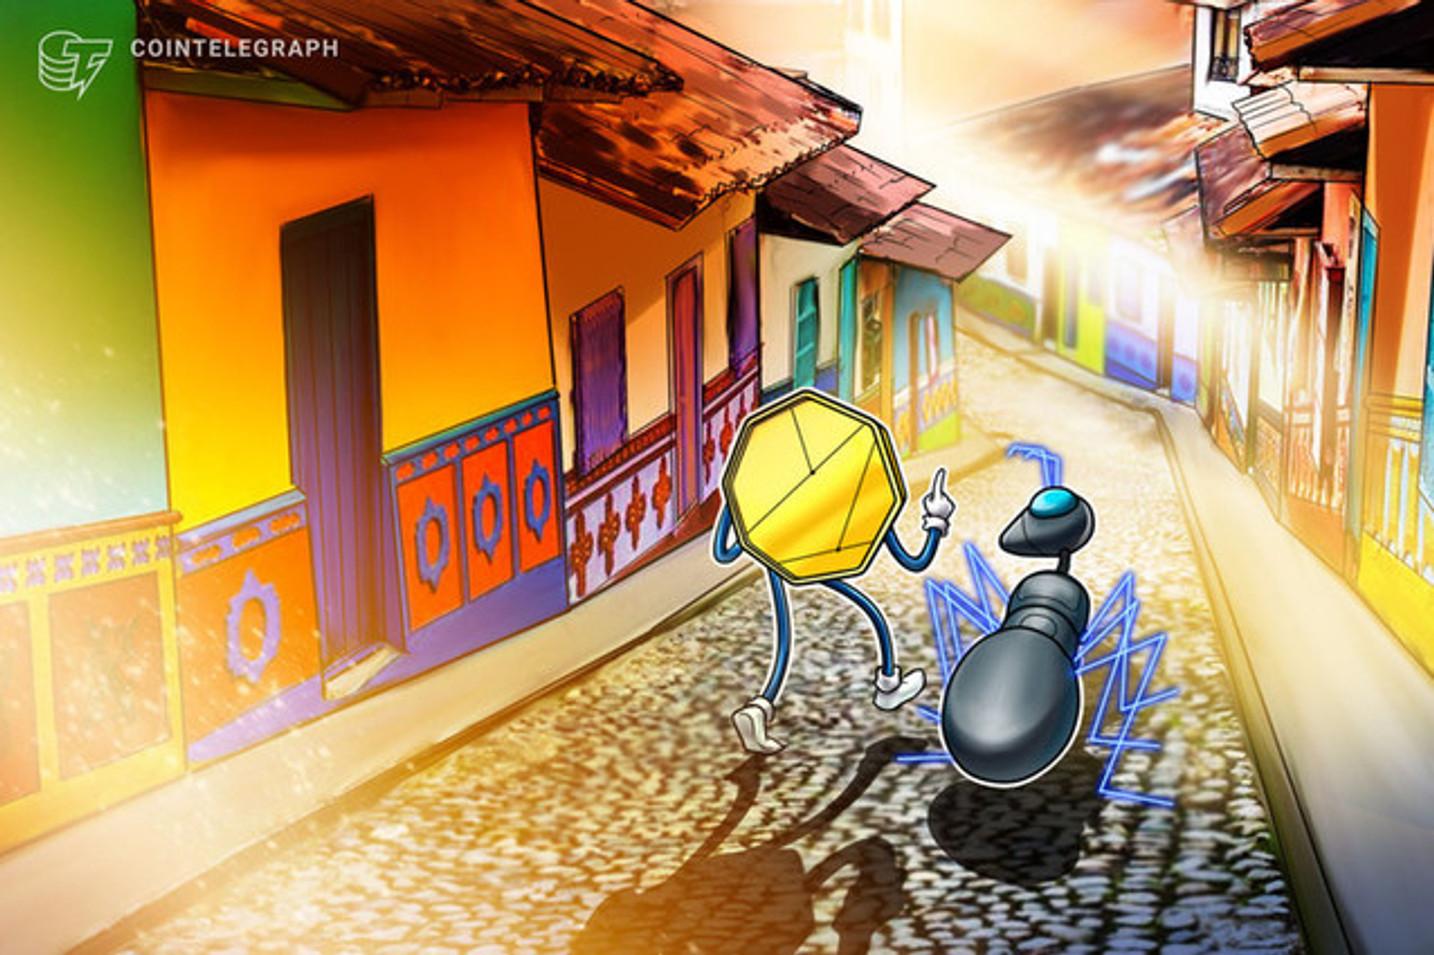 Procuraduría en Colombia formalmente empieza aplicar tecnología Blockchain contra la corrupción